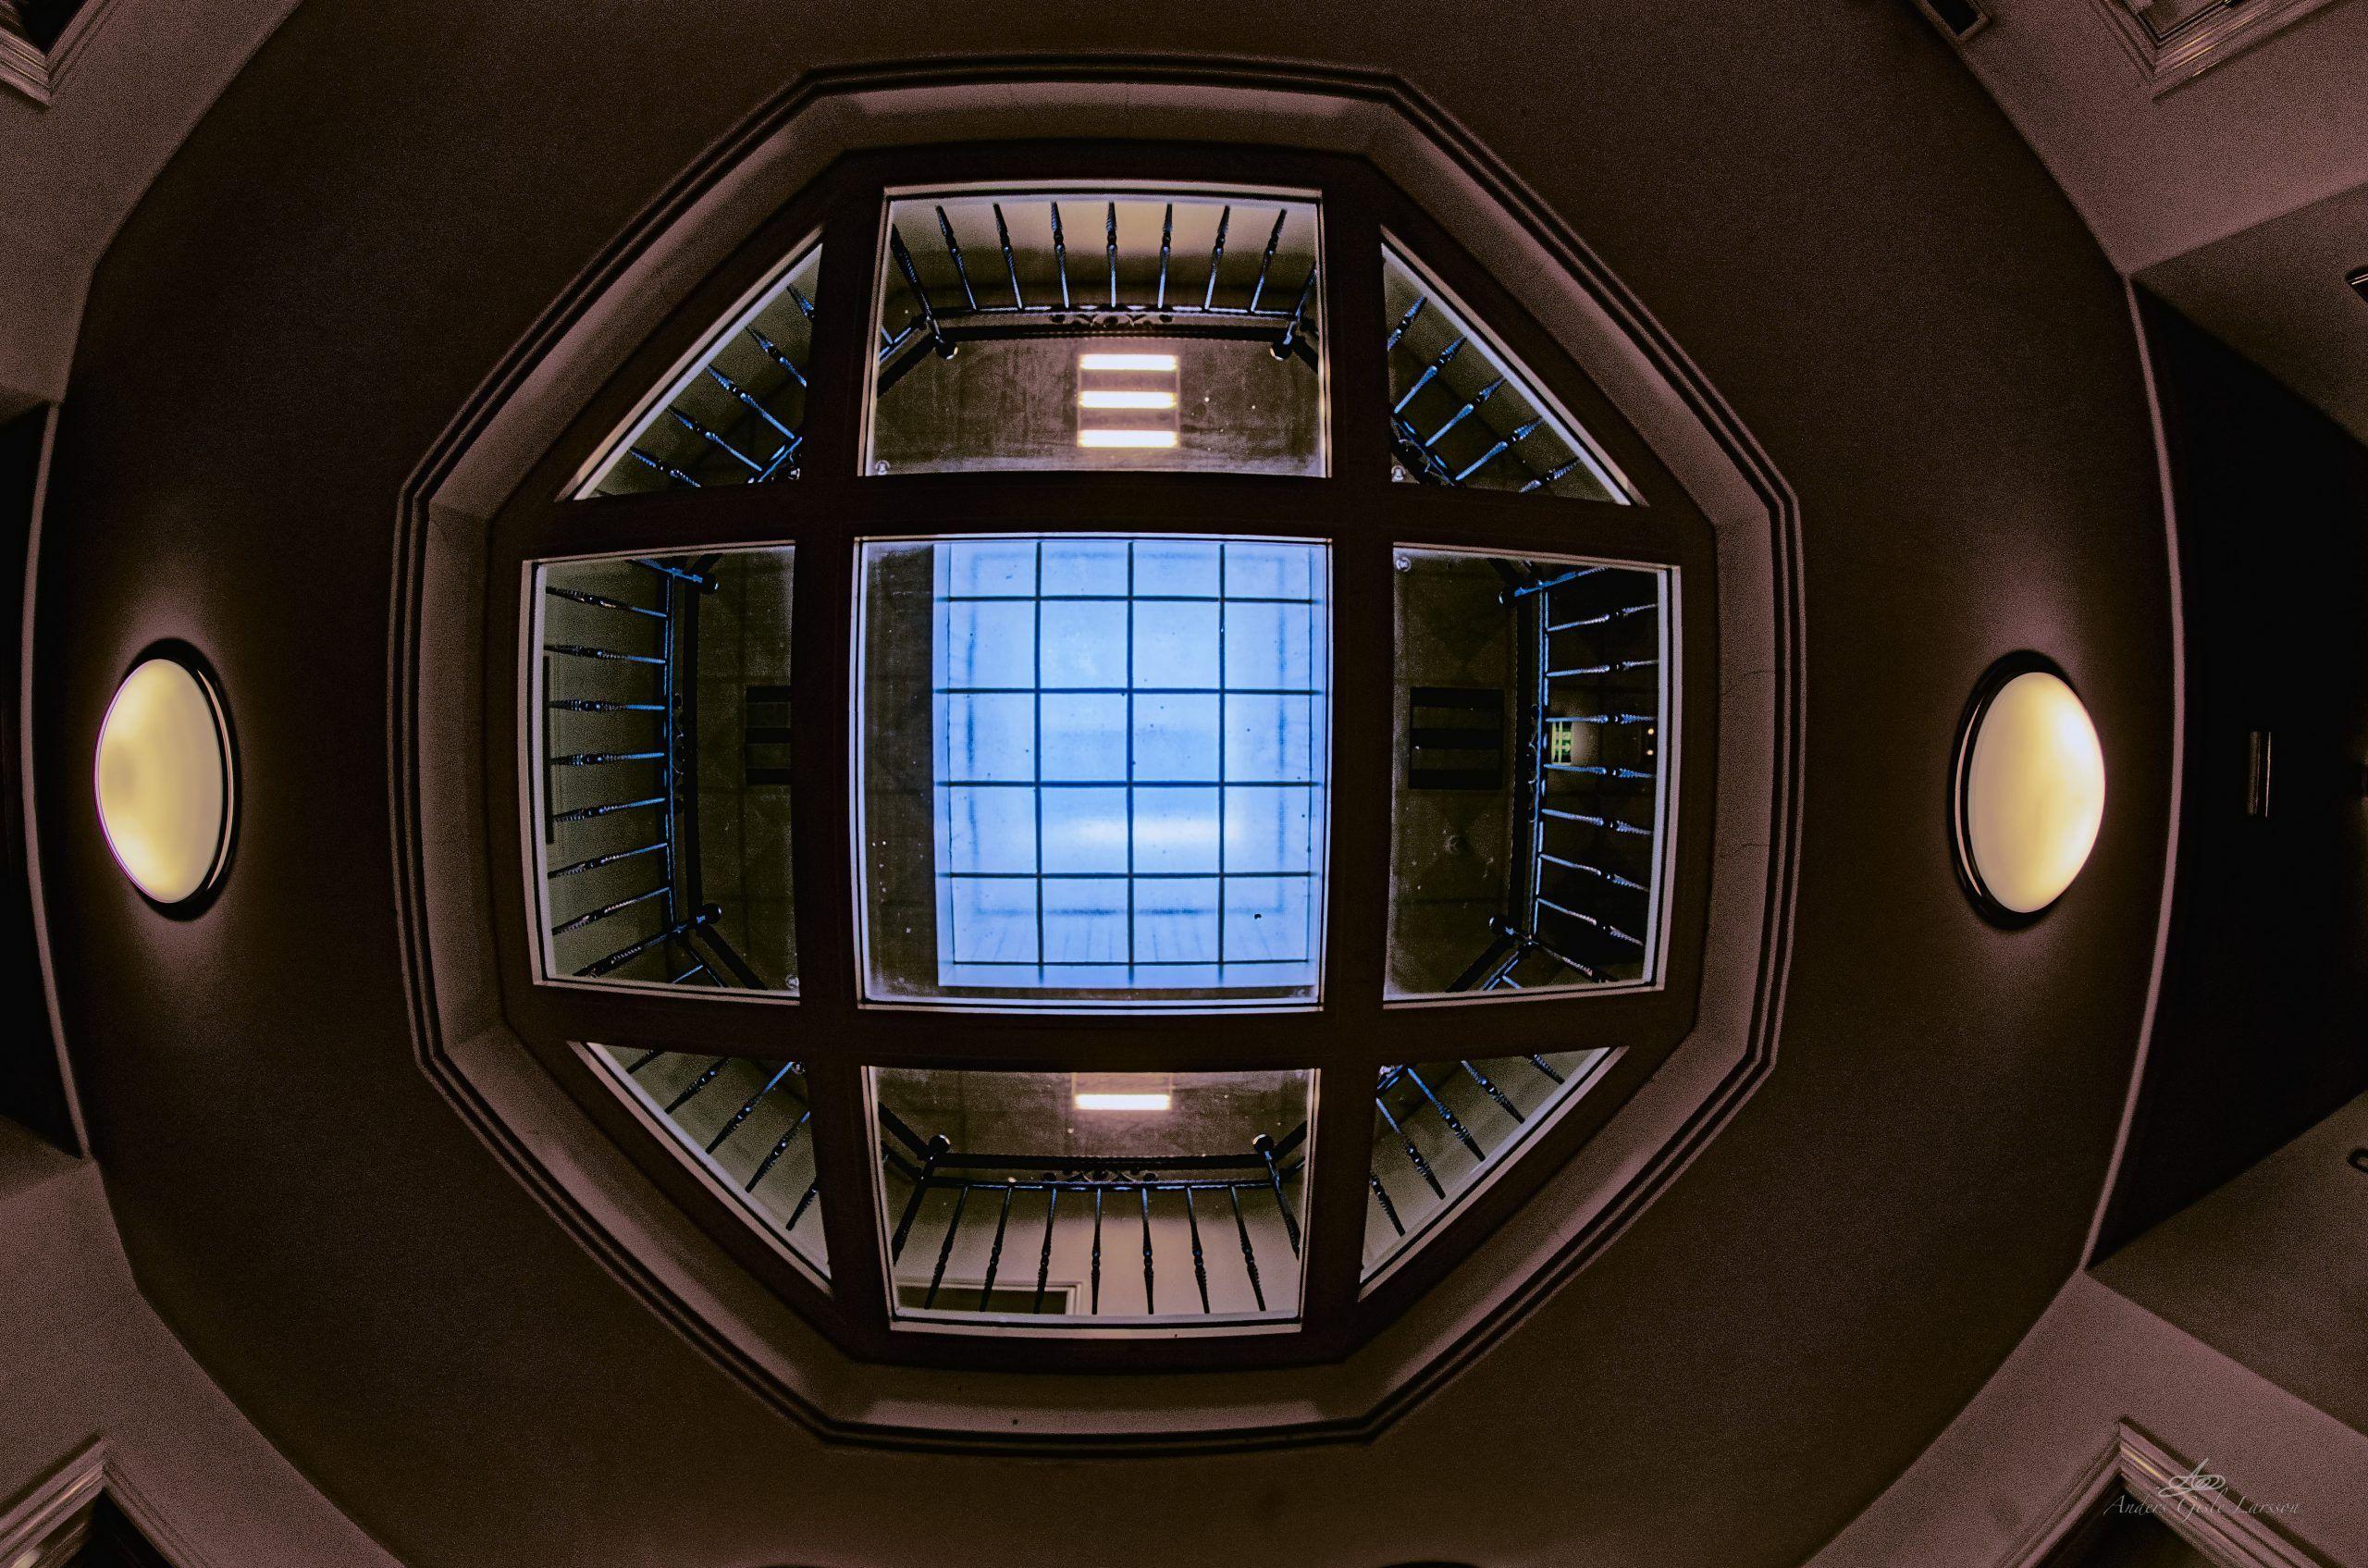 Perspektiv, Uge 41, Hotel Milling, Middelfart